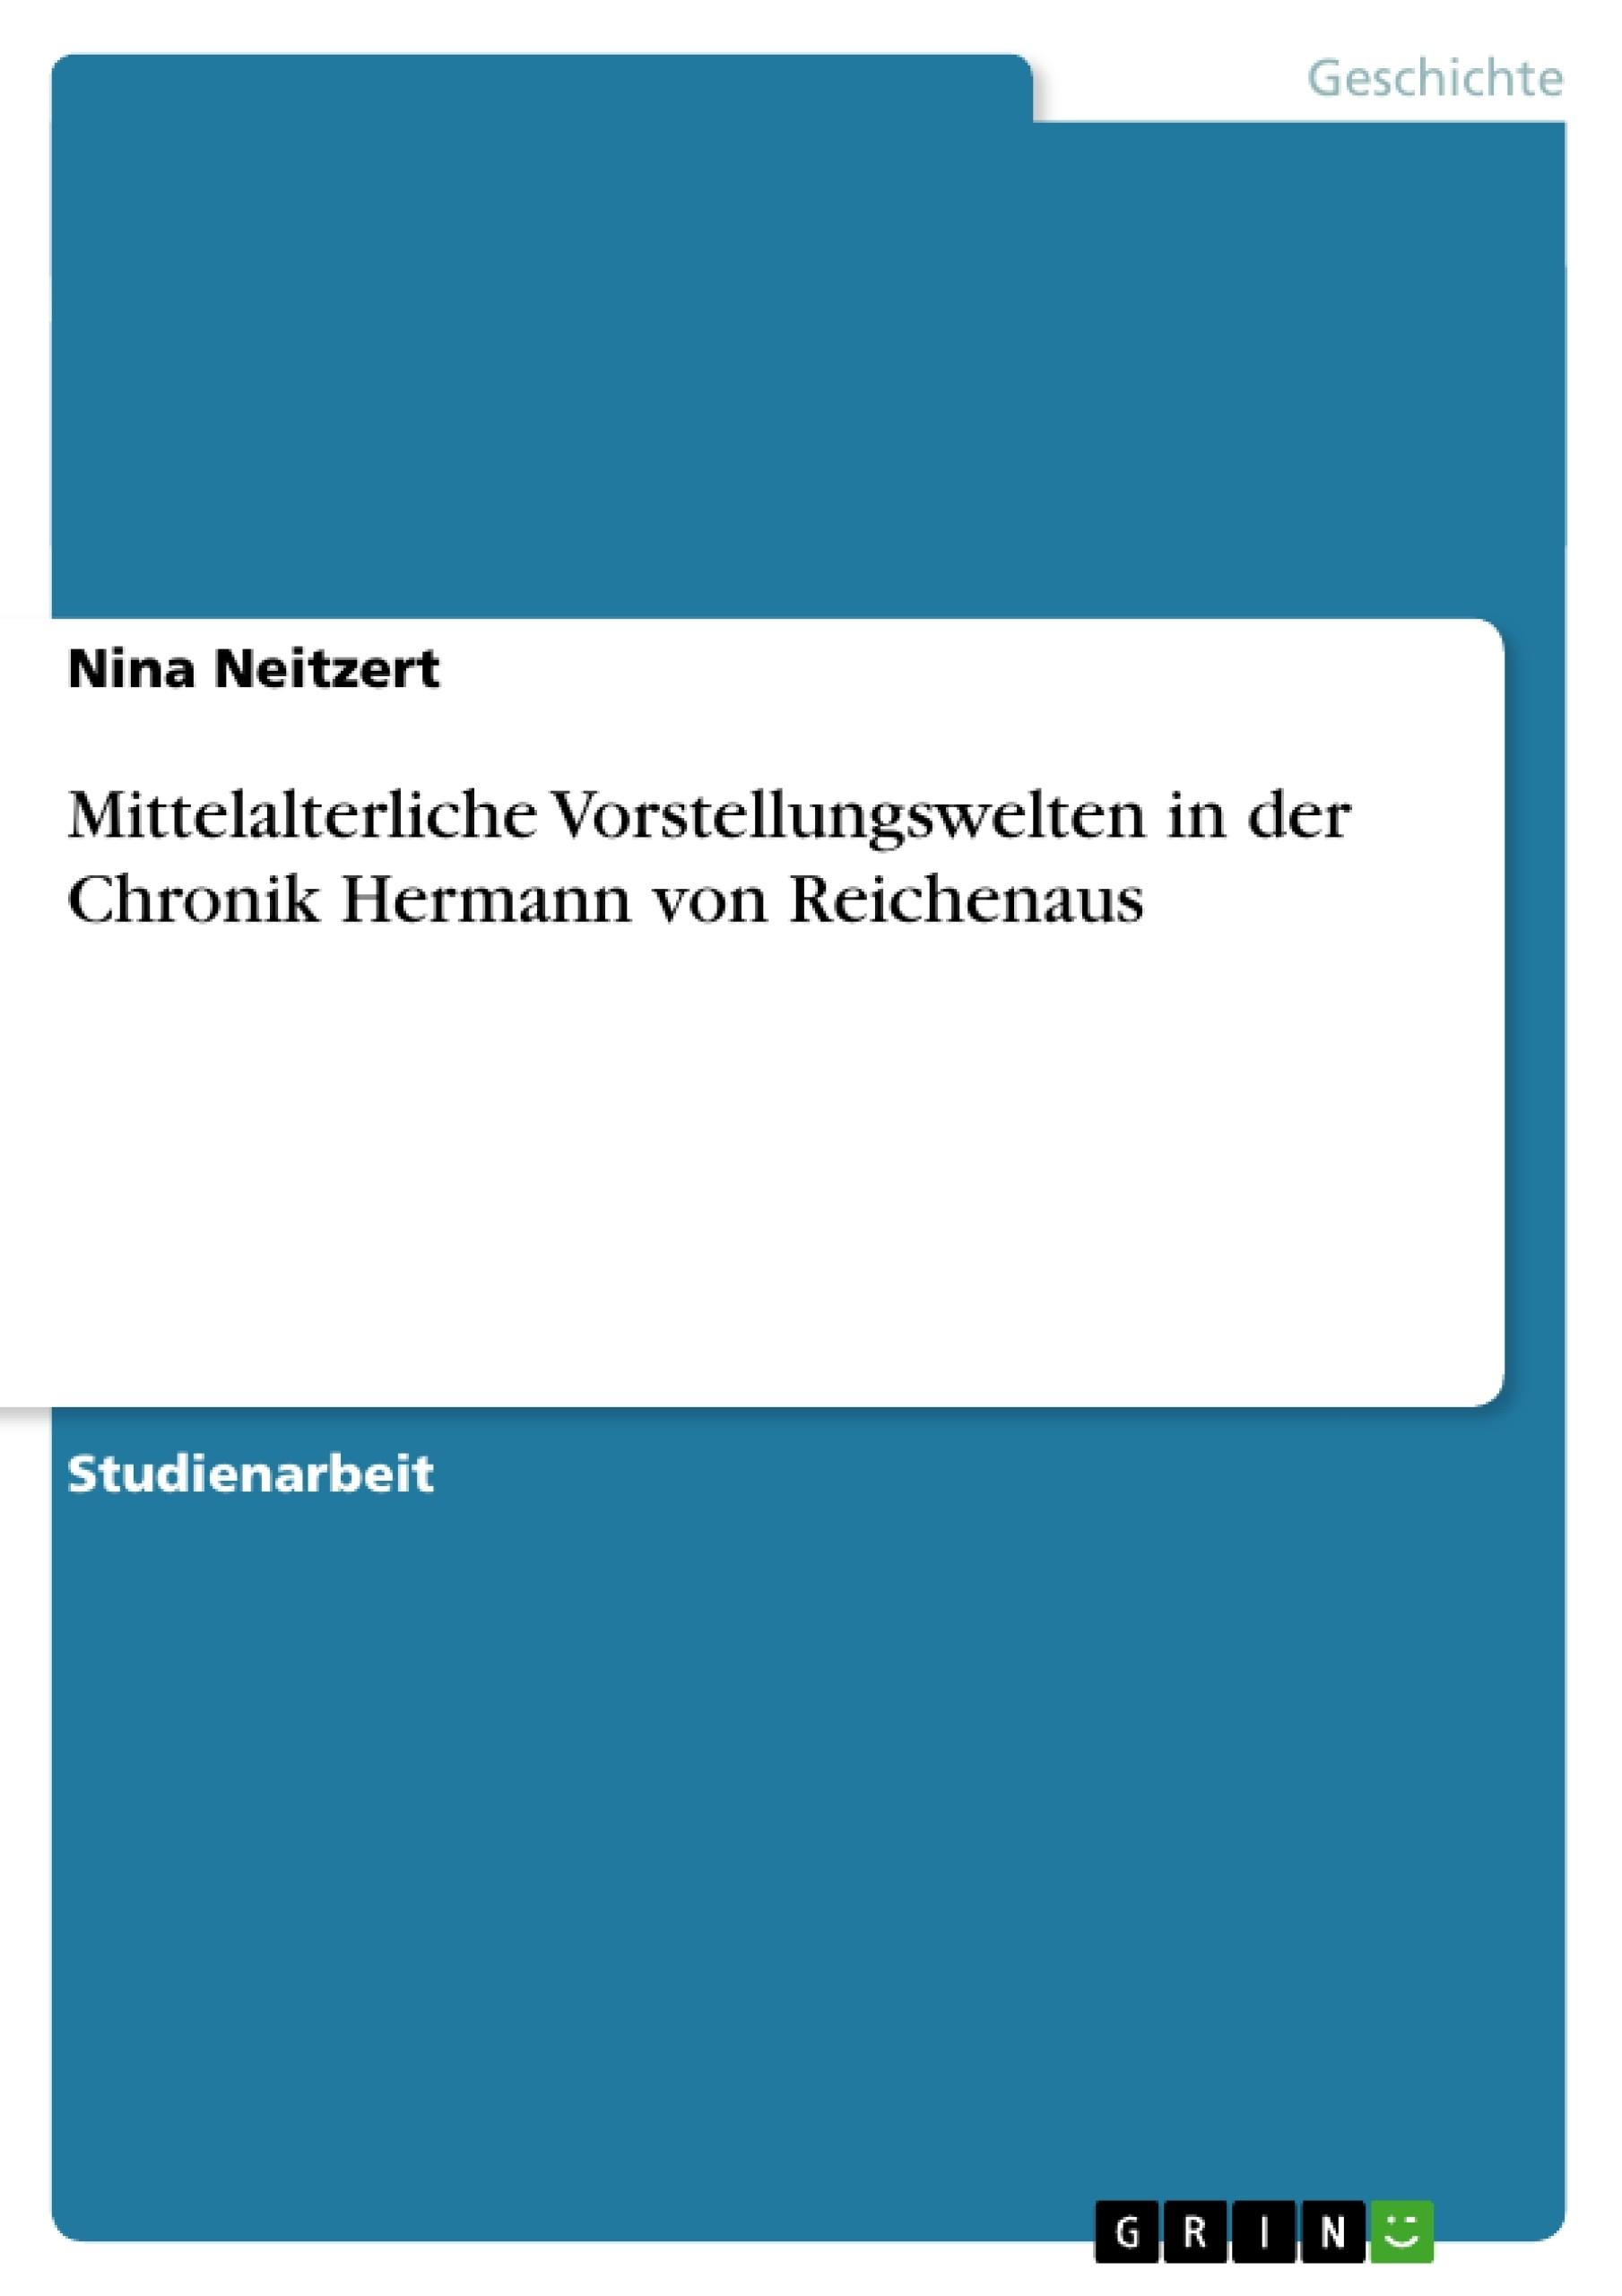 Titel: Mittelalterliche Vorstellungswelten in der Chronik Hermann von Reichenaus